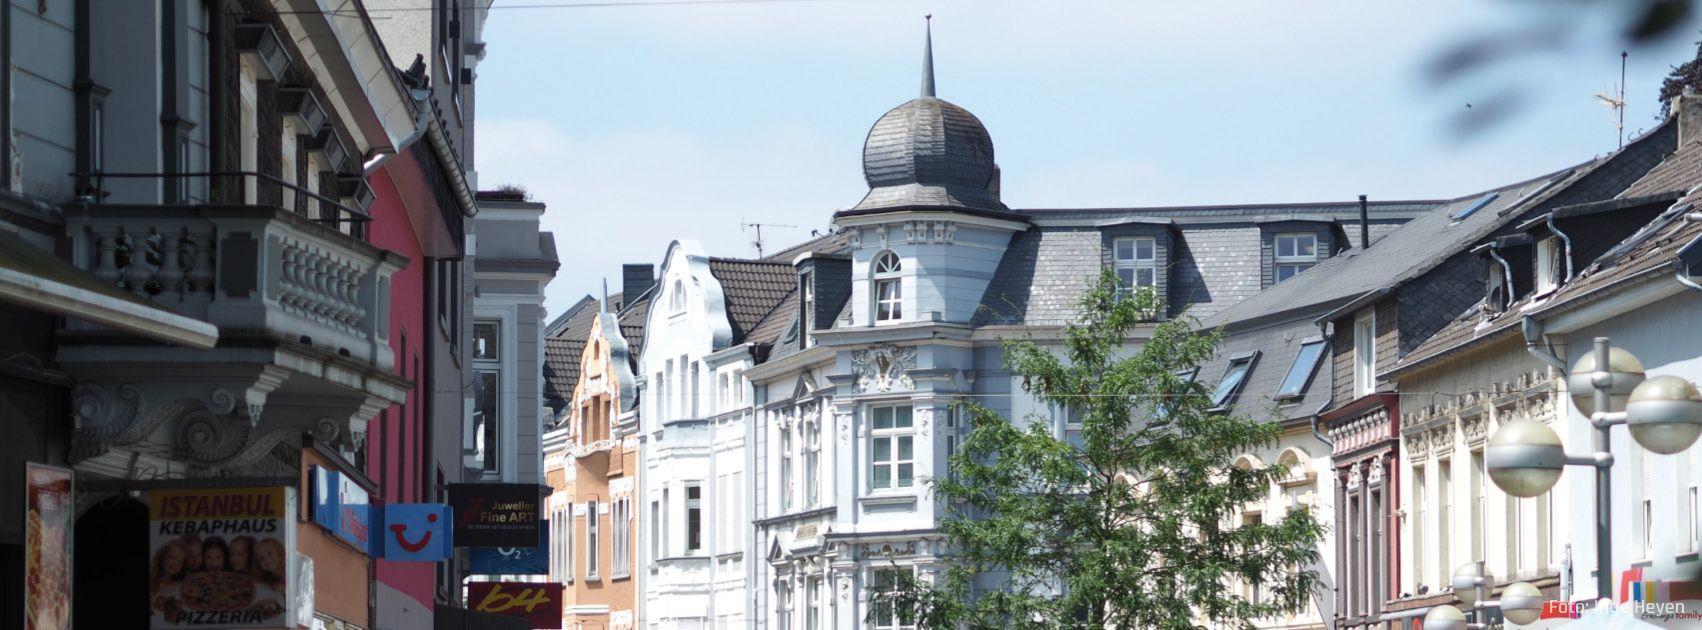 ISG Solingen-Ohligs e.V.